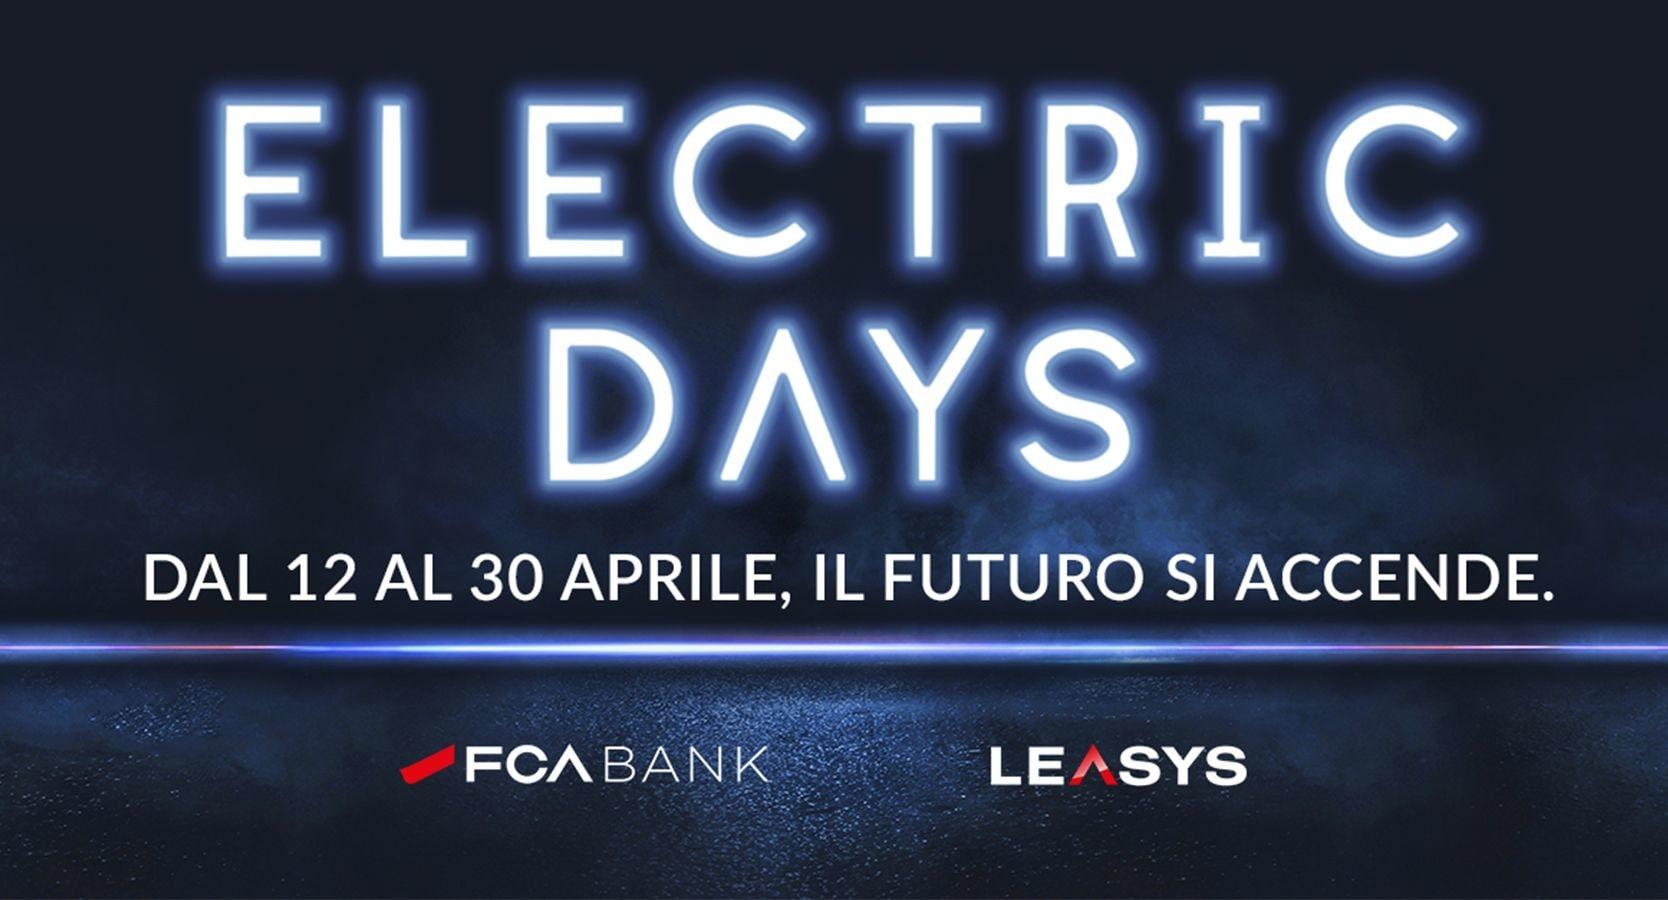 """FCA Bank e Leasys: le auto in promo dal 12 aprile con gli """"Electric Days"""""""